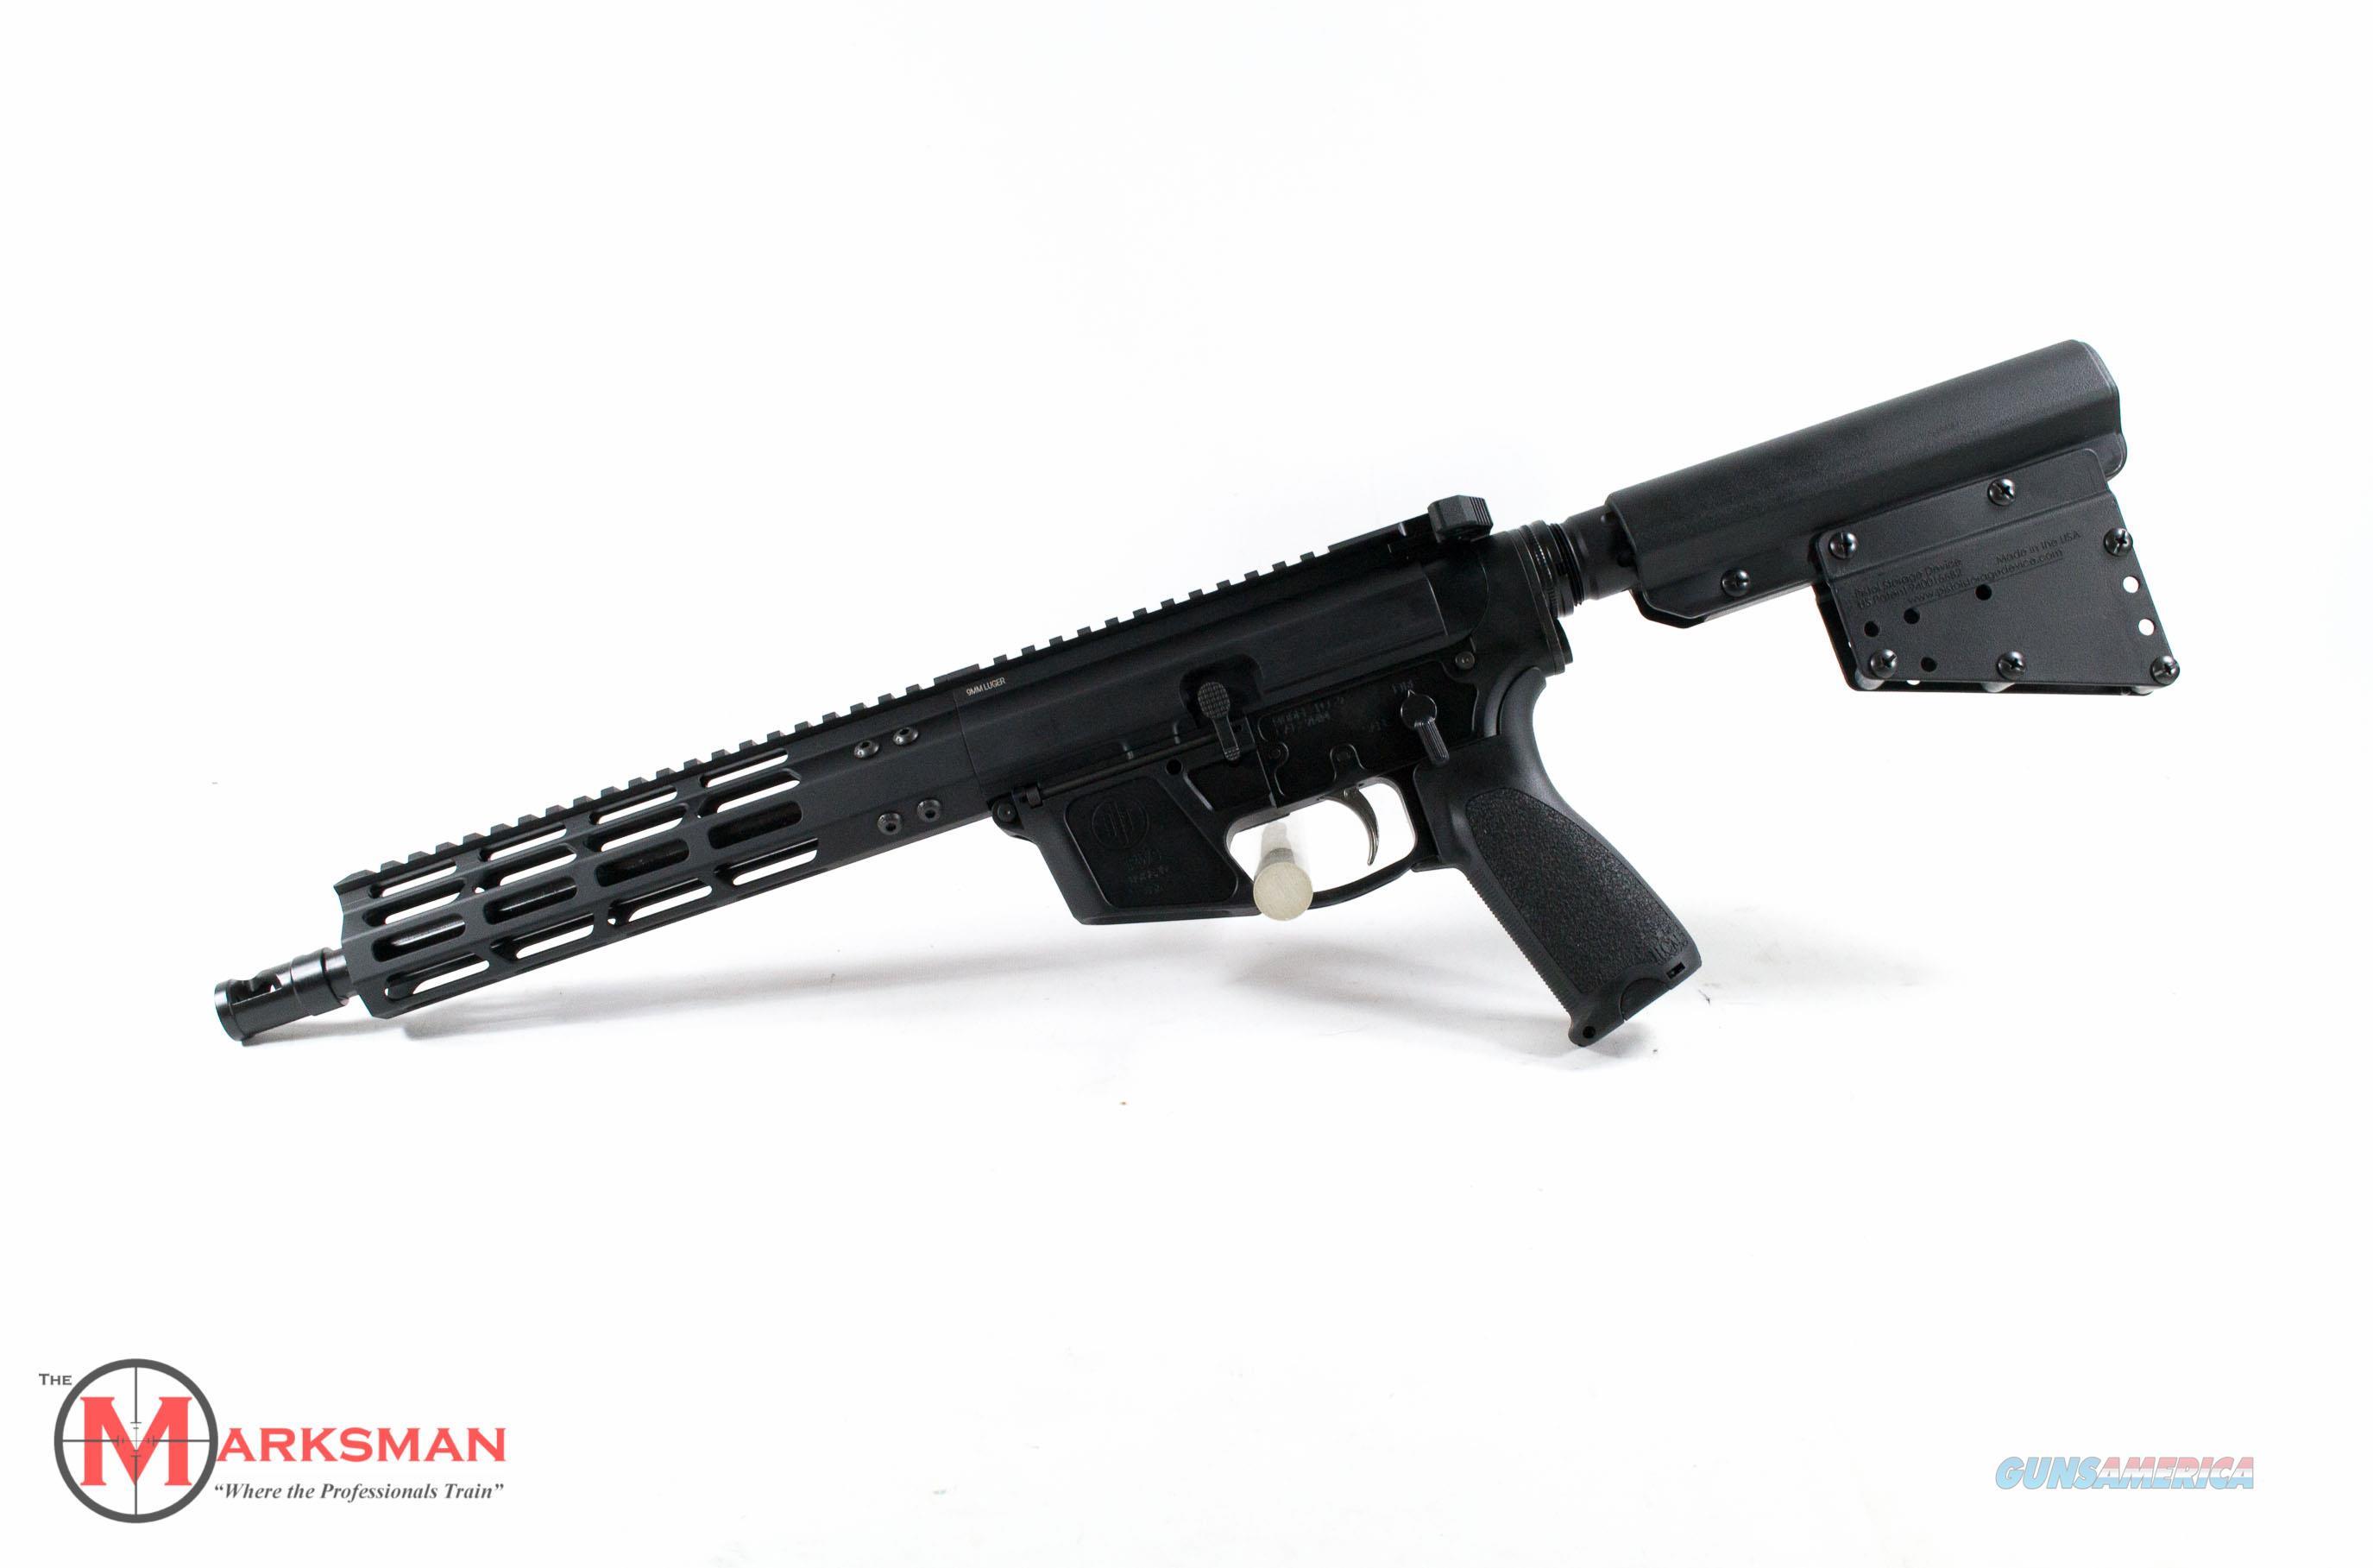 pws pcc 9 pistol